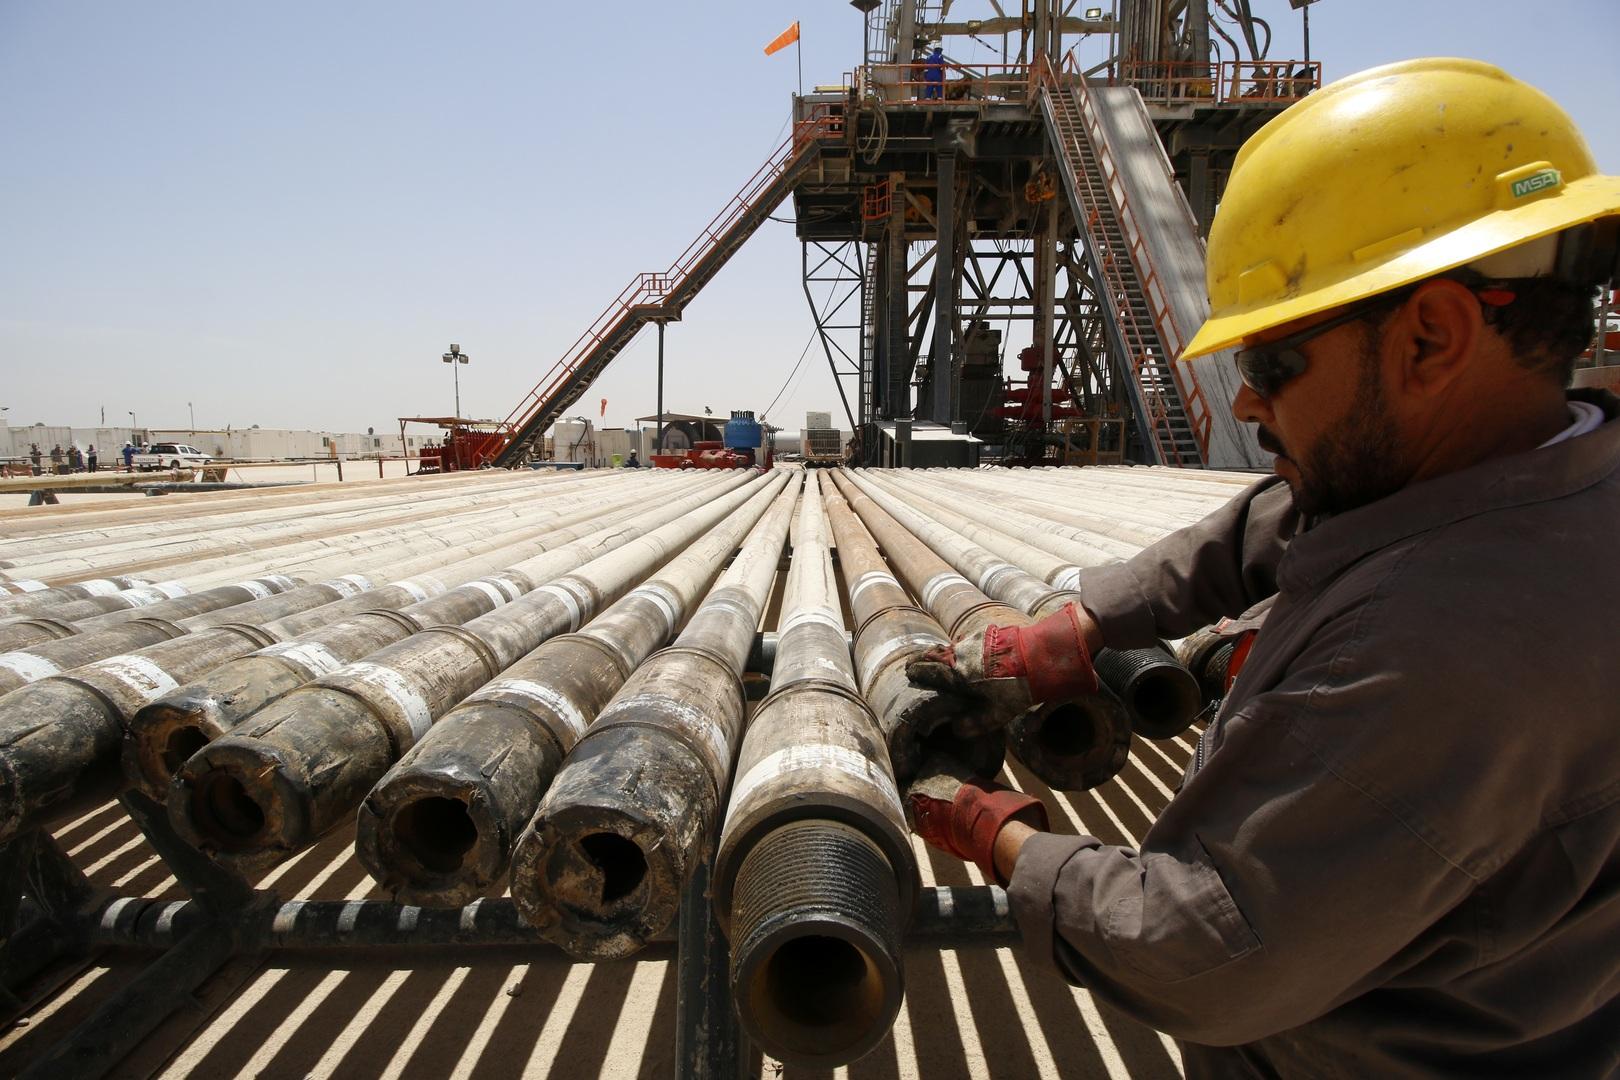 مصر.. وضع بئرين جديدتين للغاز قيد الإنتاج